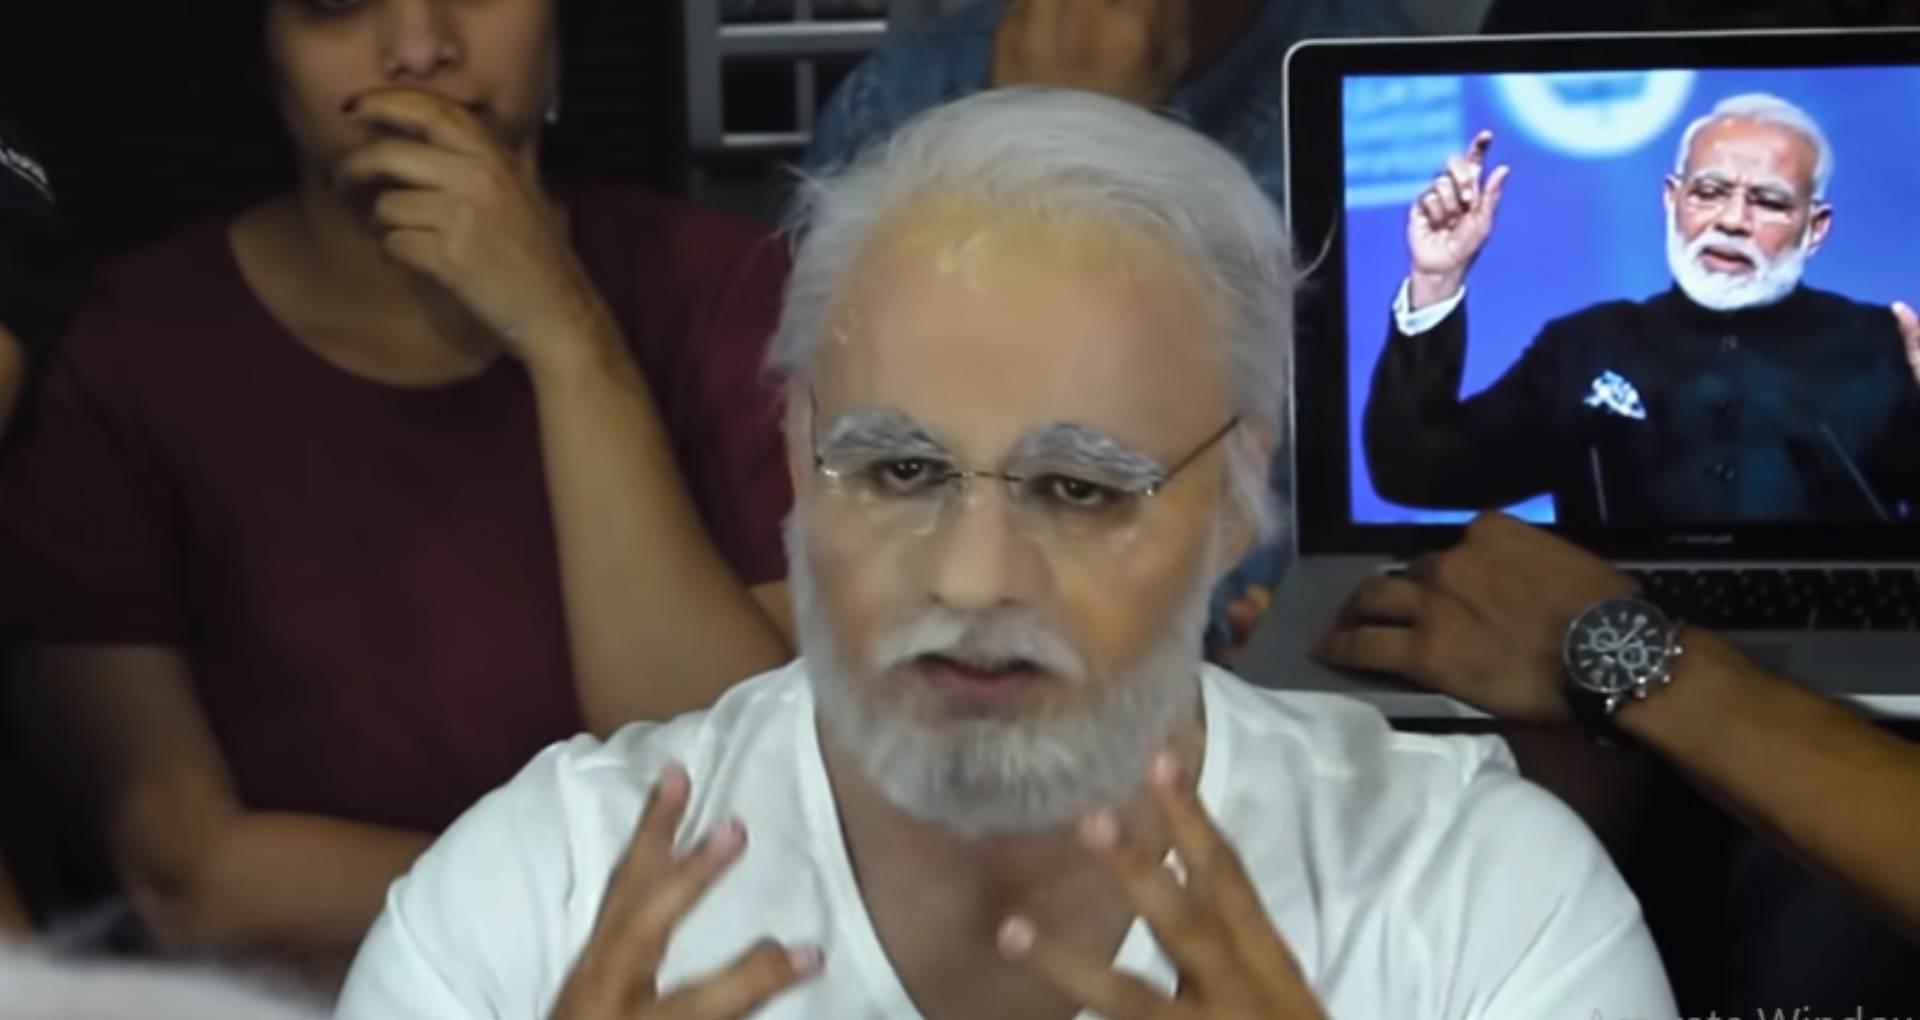 विवेक ओबेरॉय ऐसे बने पीएम नरेंद्र मोदी, फिल्ममेकर्स ने जारी किया एक्टर का लुक मेकिंग वीडियो